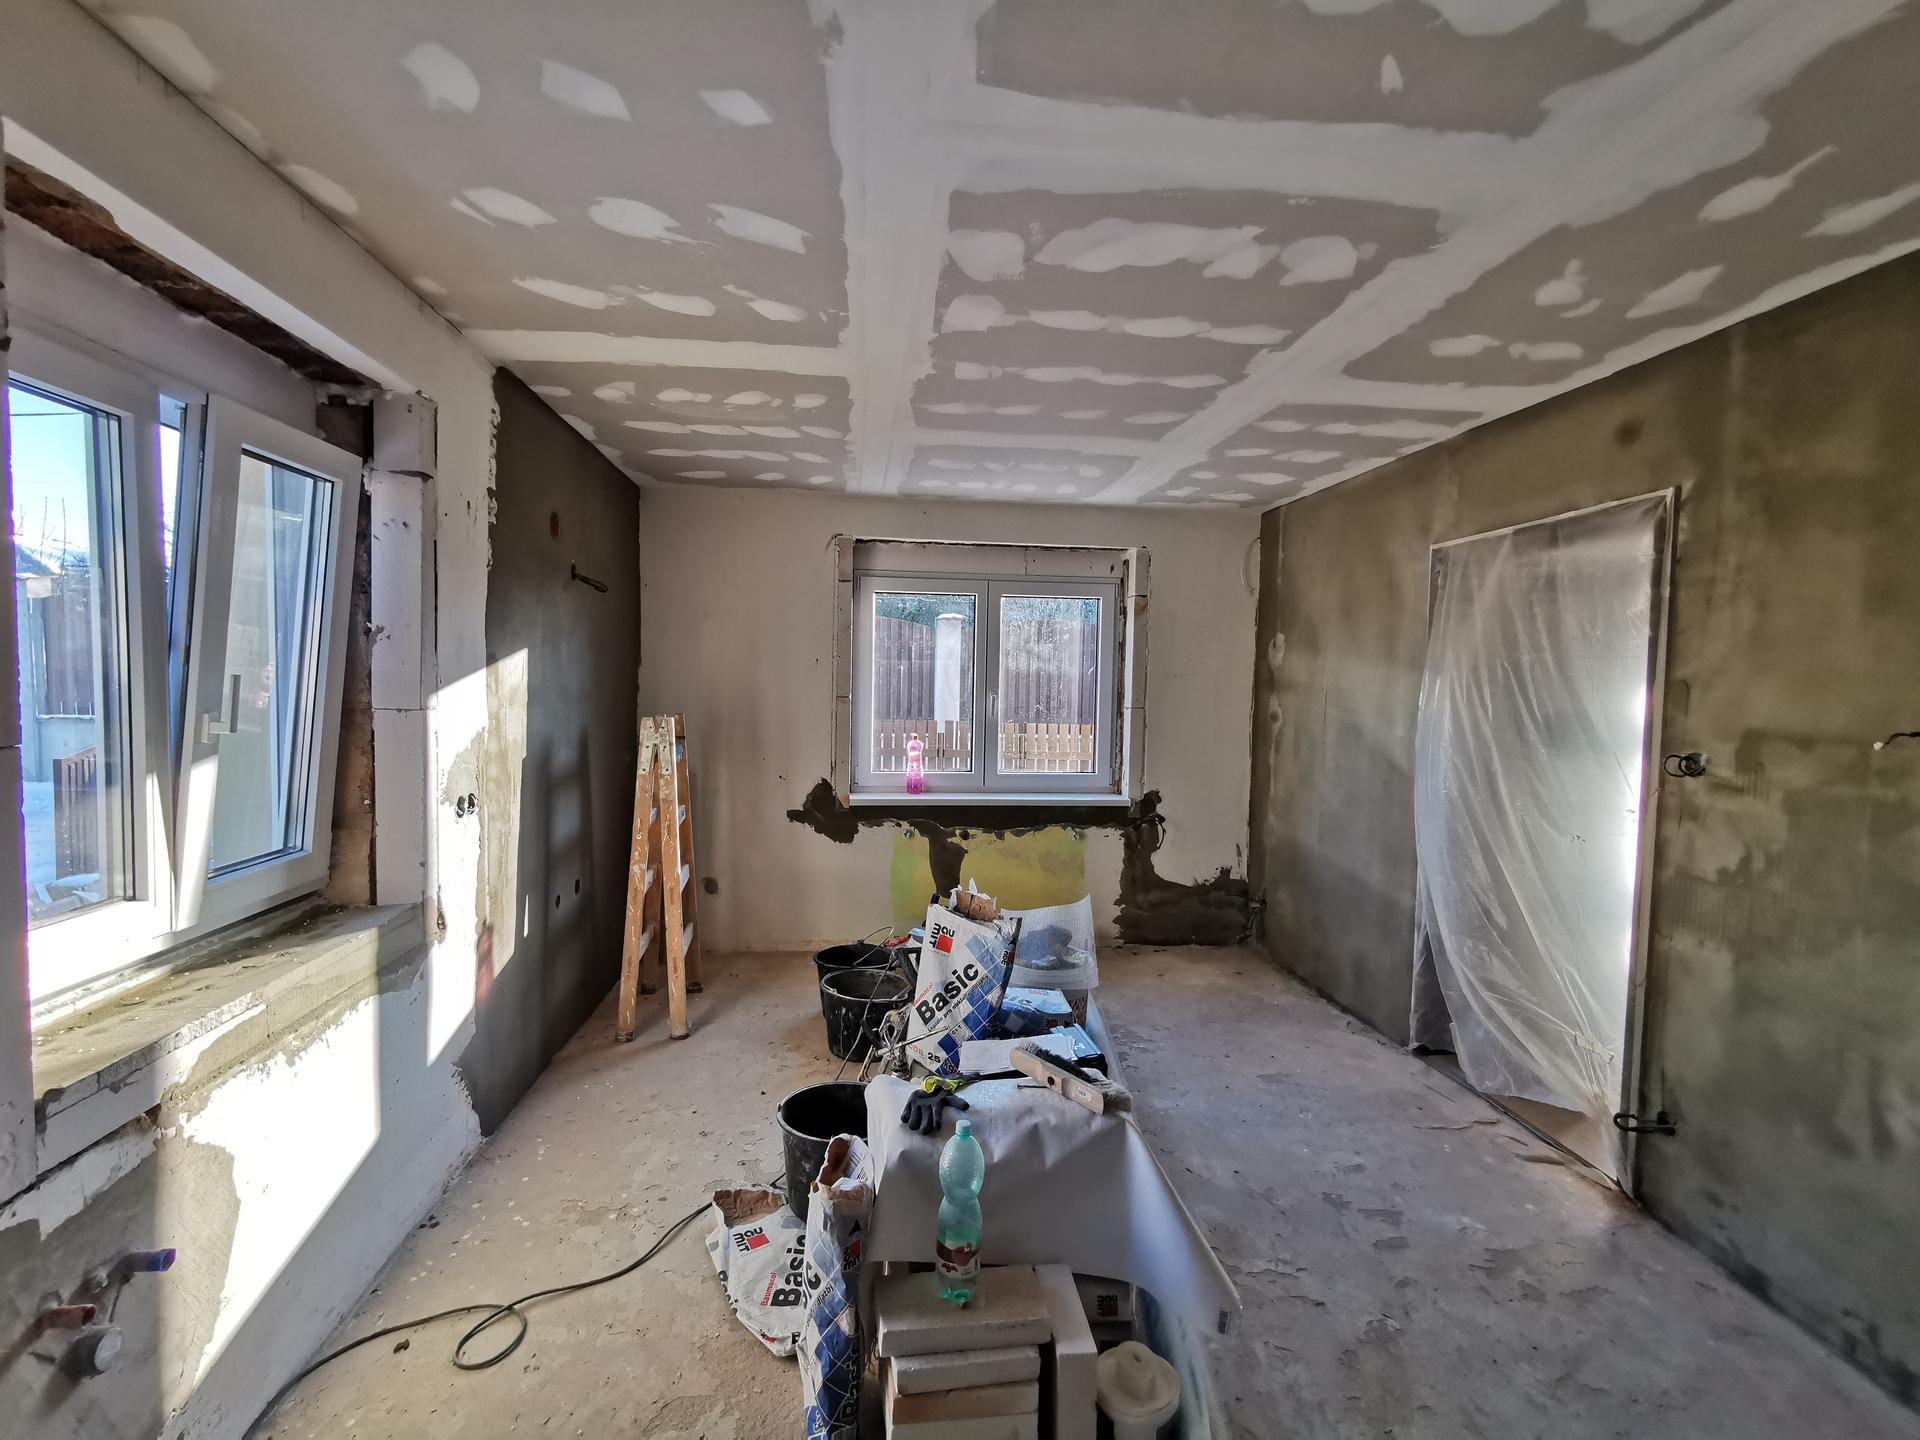 Kuchyně - rekonstrukce - Okna vyměněna, jedou se omítky